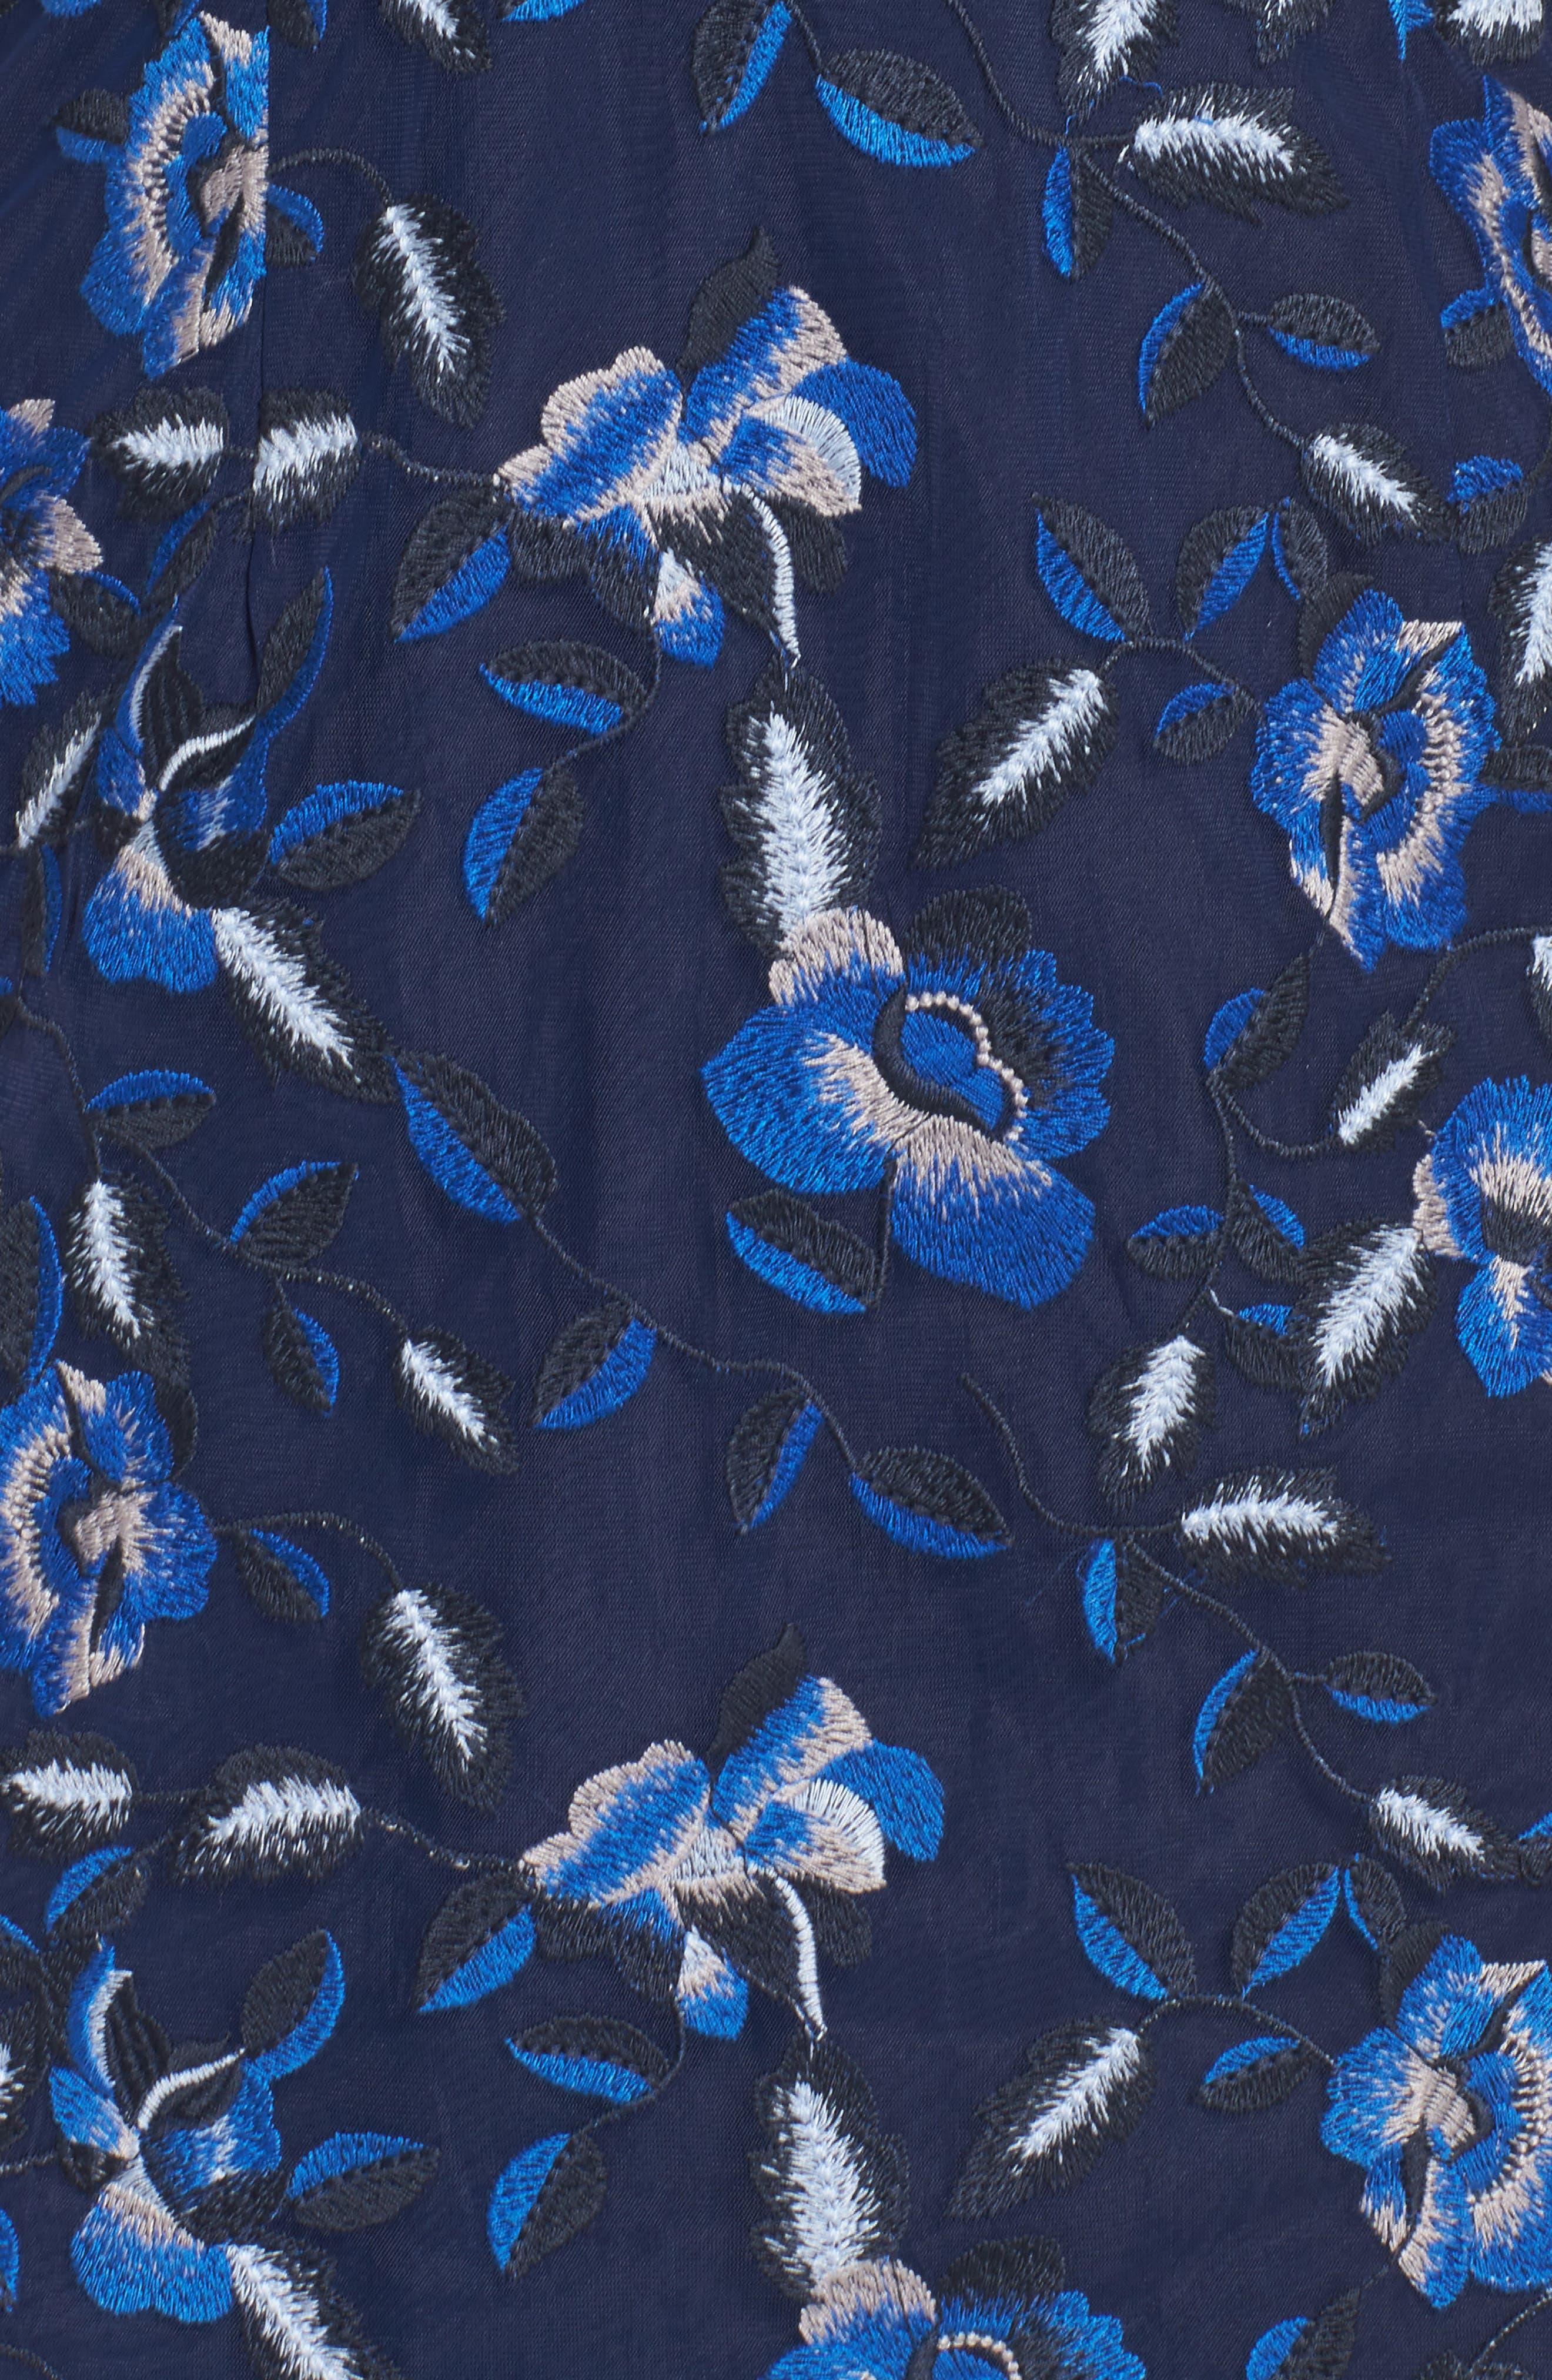 Sapphire Lace Pencil Dress,                             Alternate thumbnail 5, color,                             471